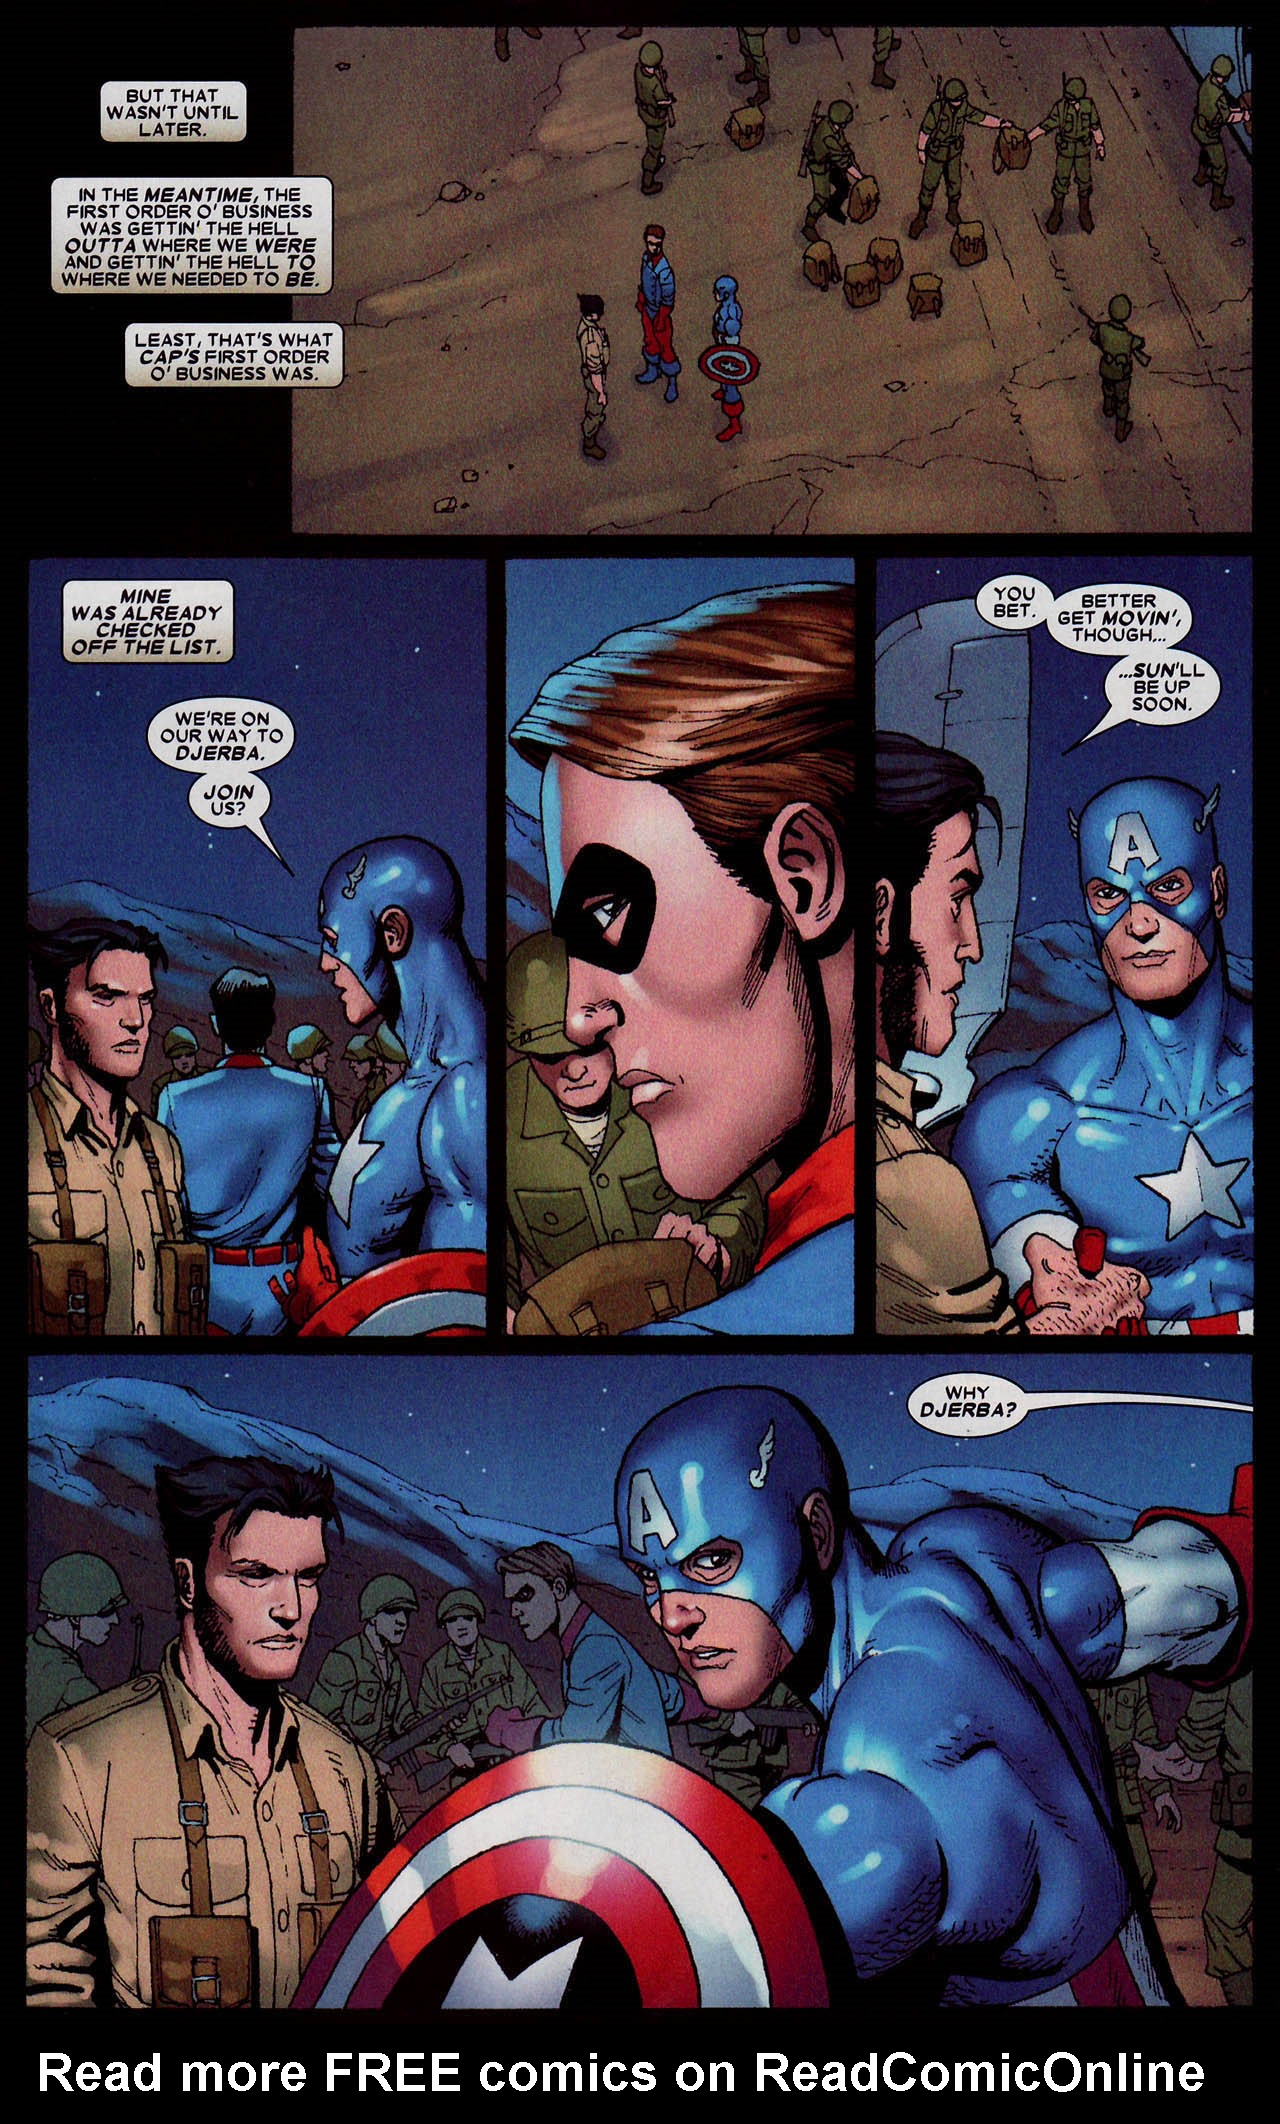 Read online Wolverine: Origins comic -  Issue #18 - 6